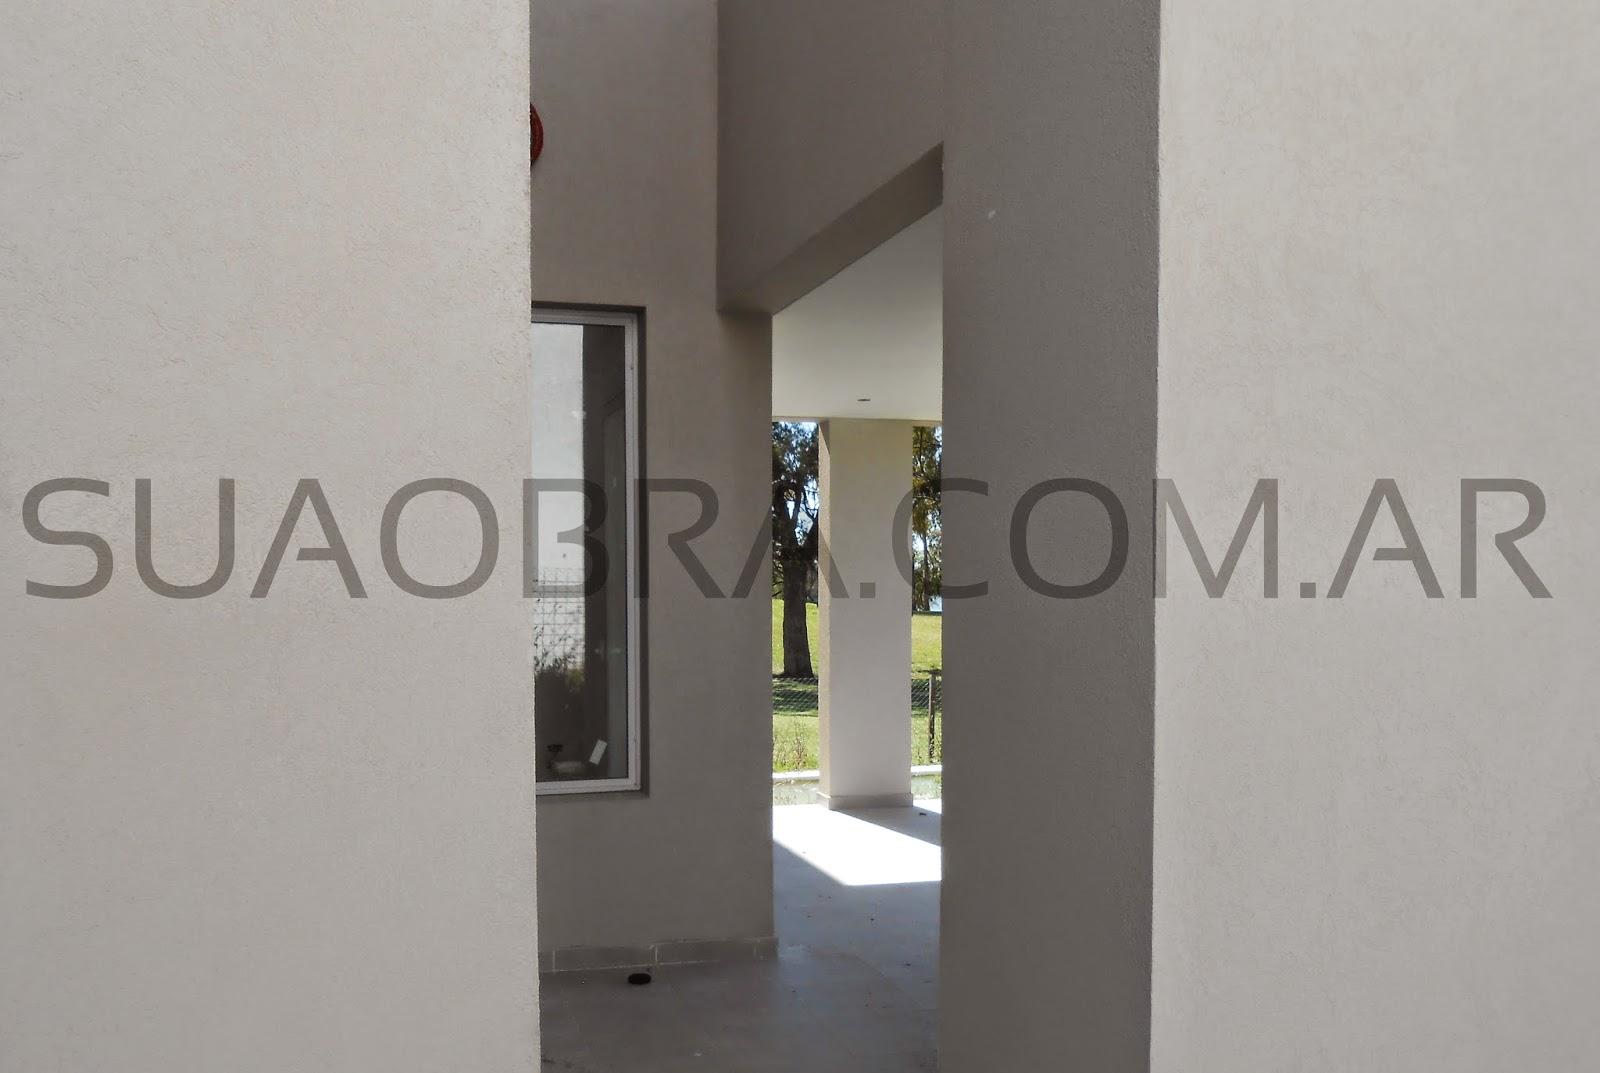 Revestimientos plasticos por suaobra com paredes con for Revestimiento plastico para paredes